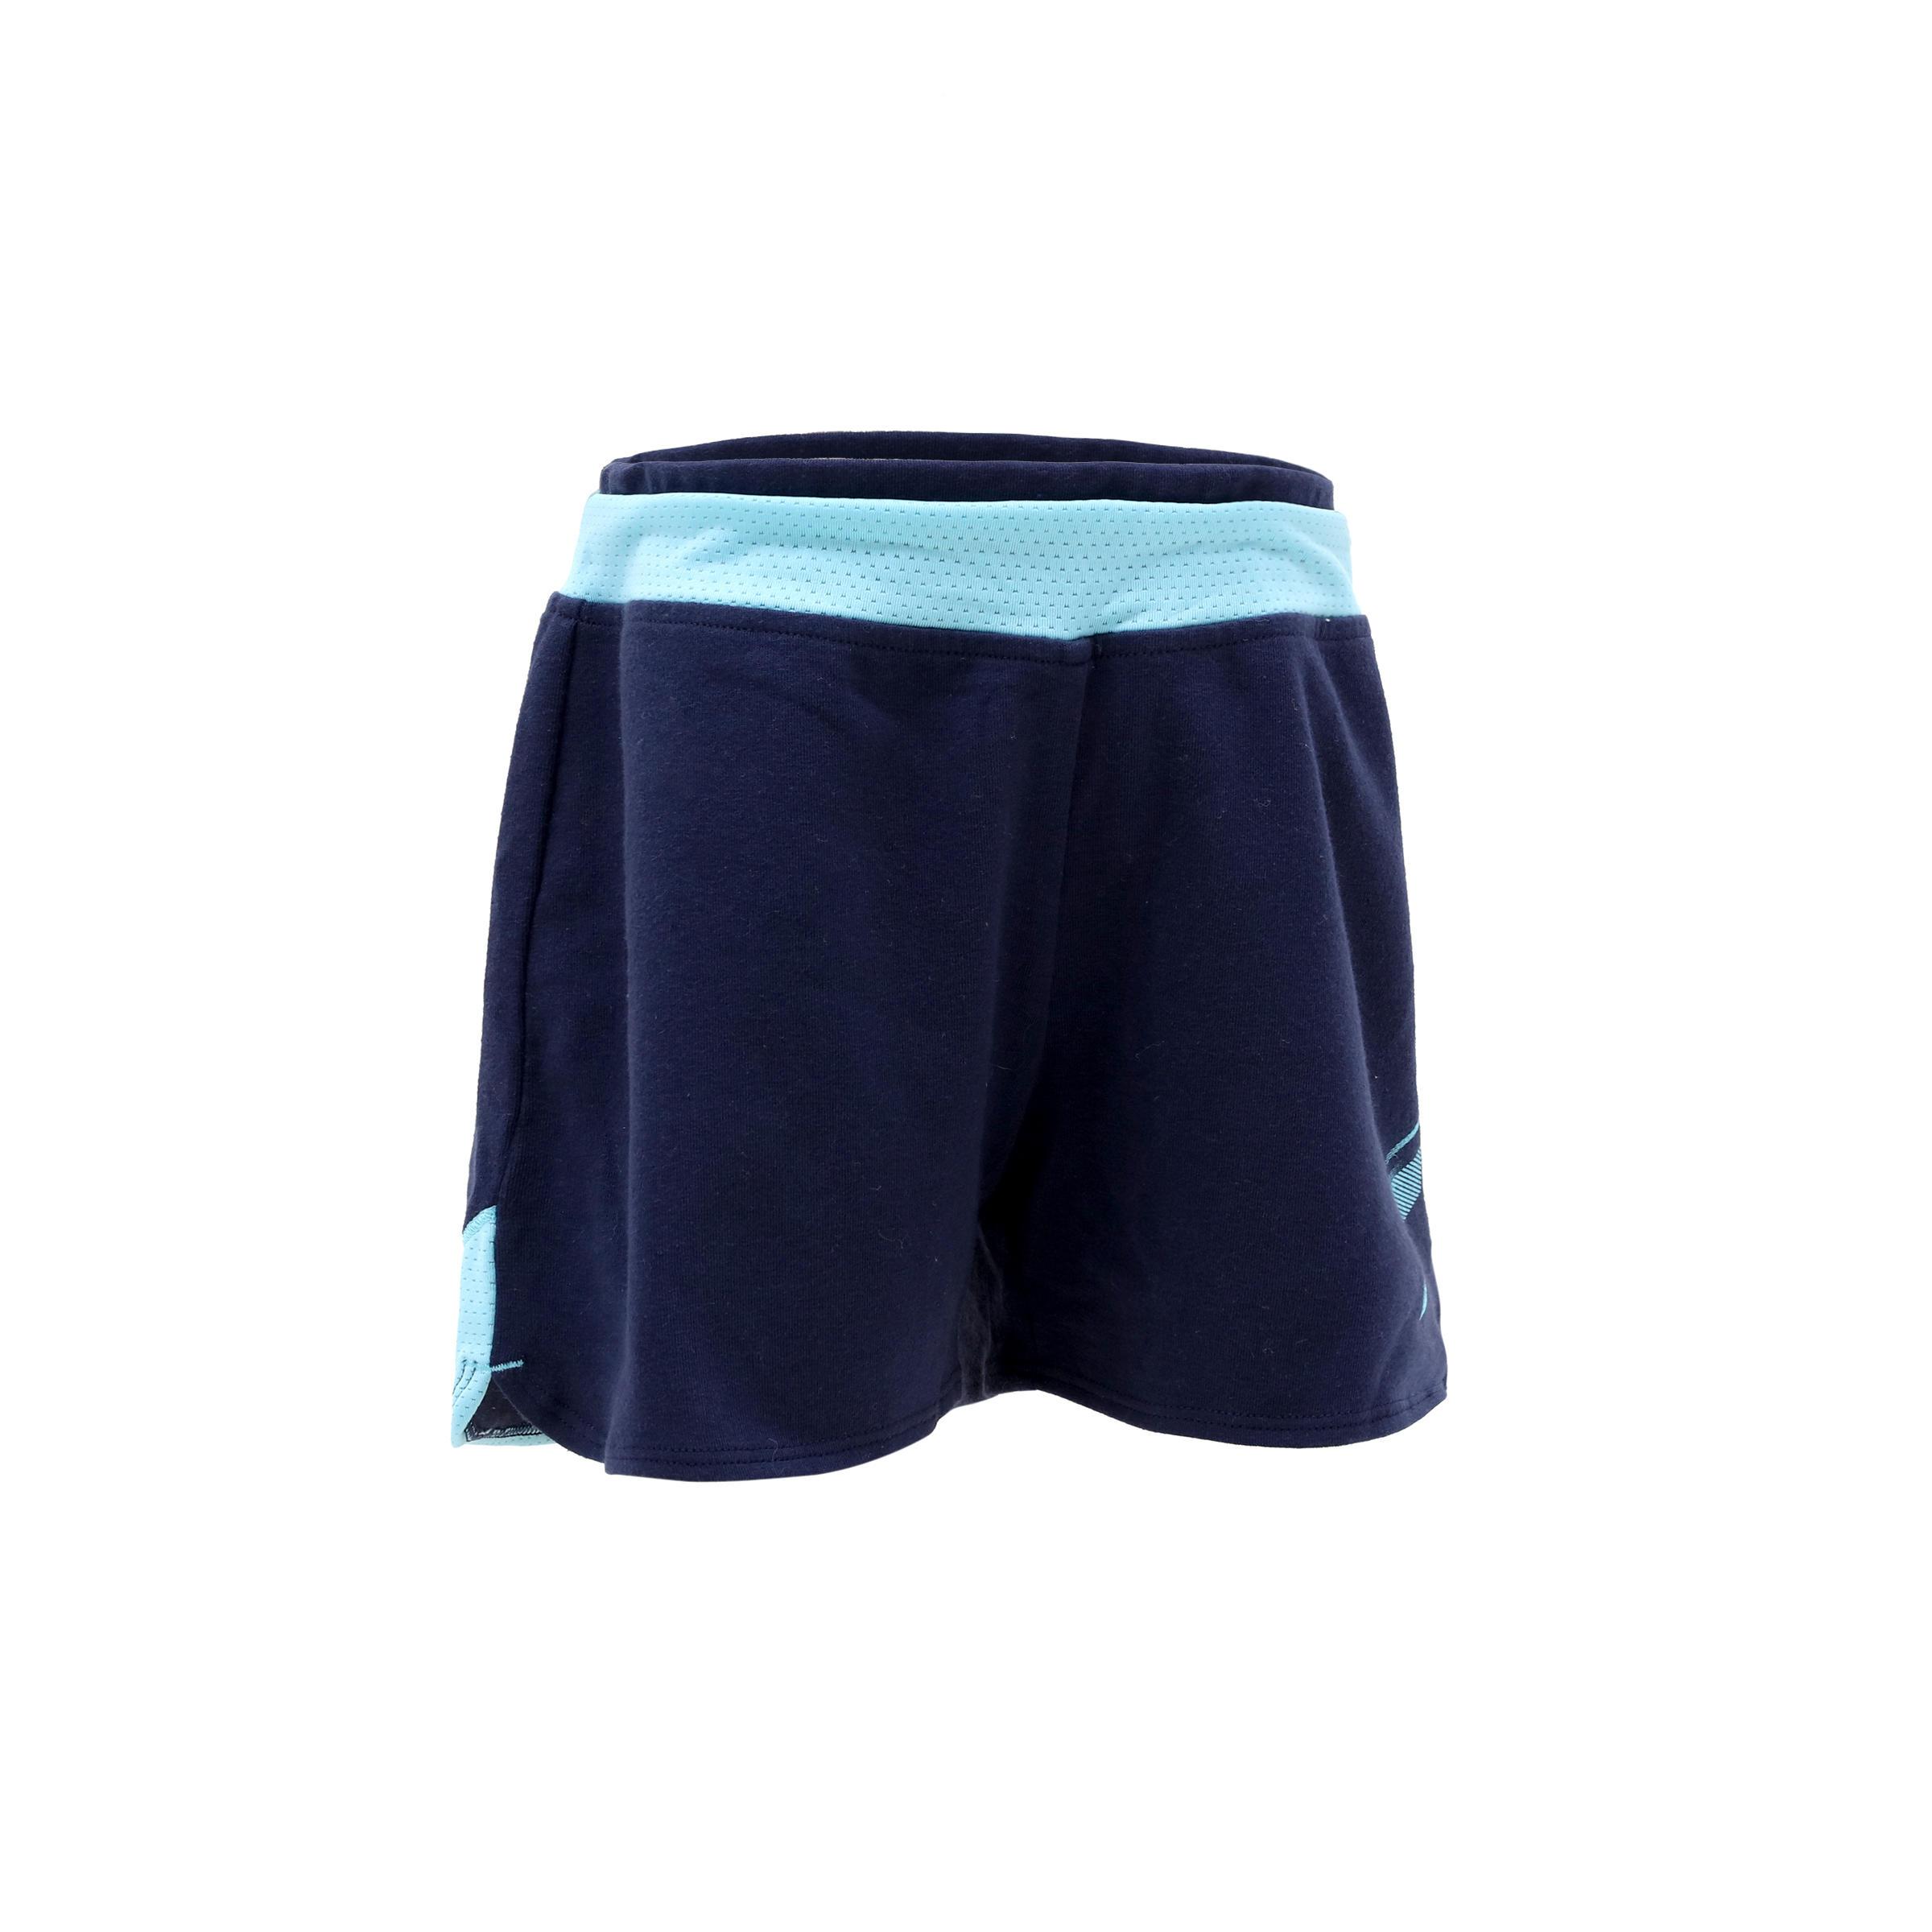 Short 500 gimnasia niña estampado azul